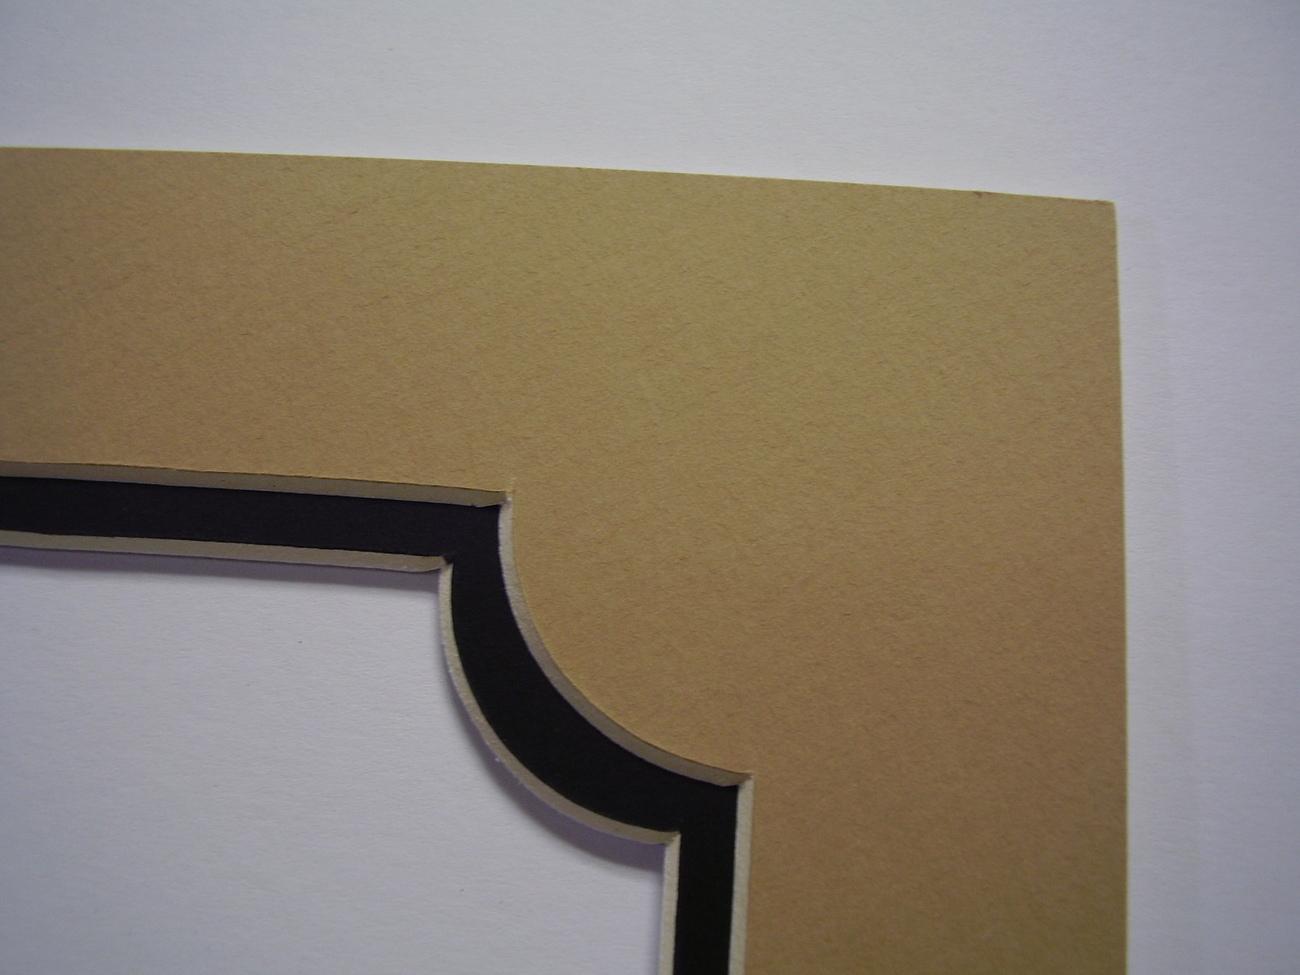 Picture Frame Classic Portrait Design Double Mat 8x10 for 5x7 photo Khaki Tan